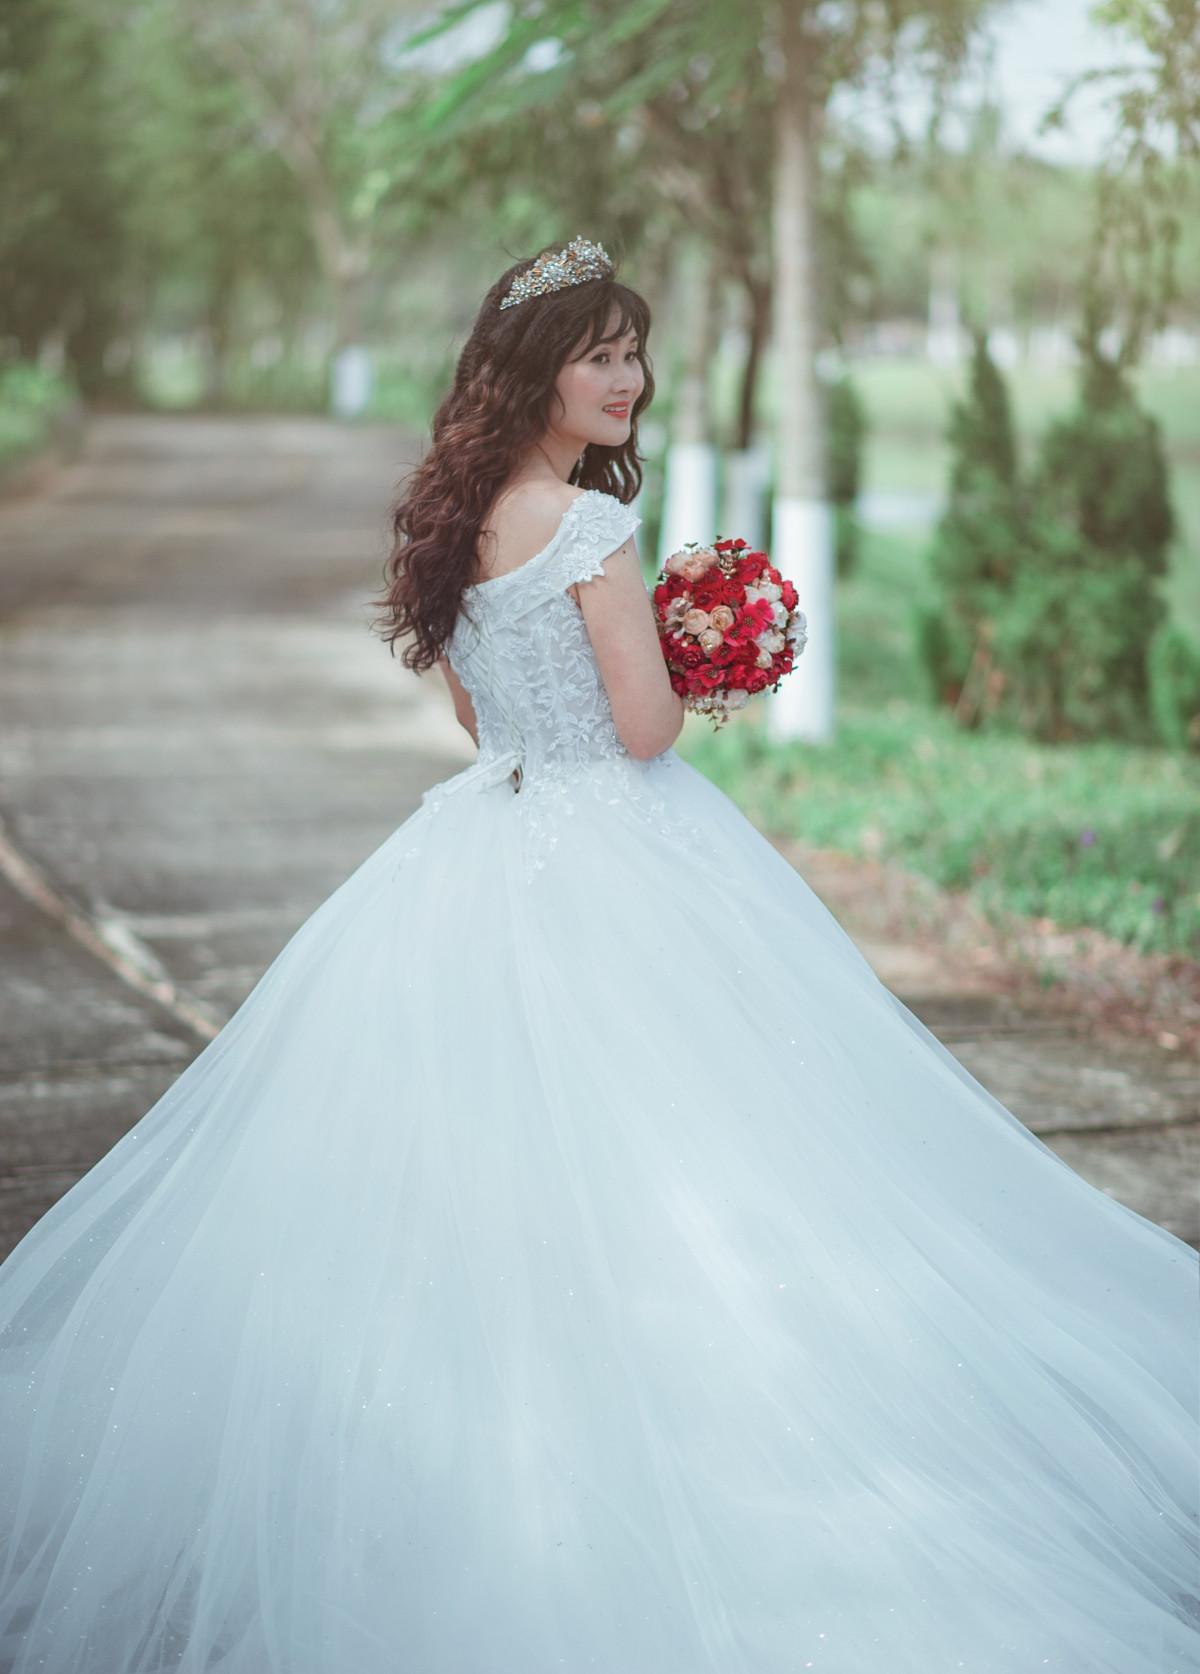 talár svatební šaty nevěsta svatební oblečení šaty dívka krása dáma květ  focení rameno manželství květinářka kloub 76a0c59e77